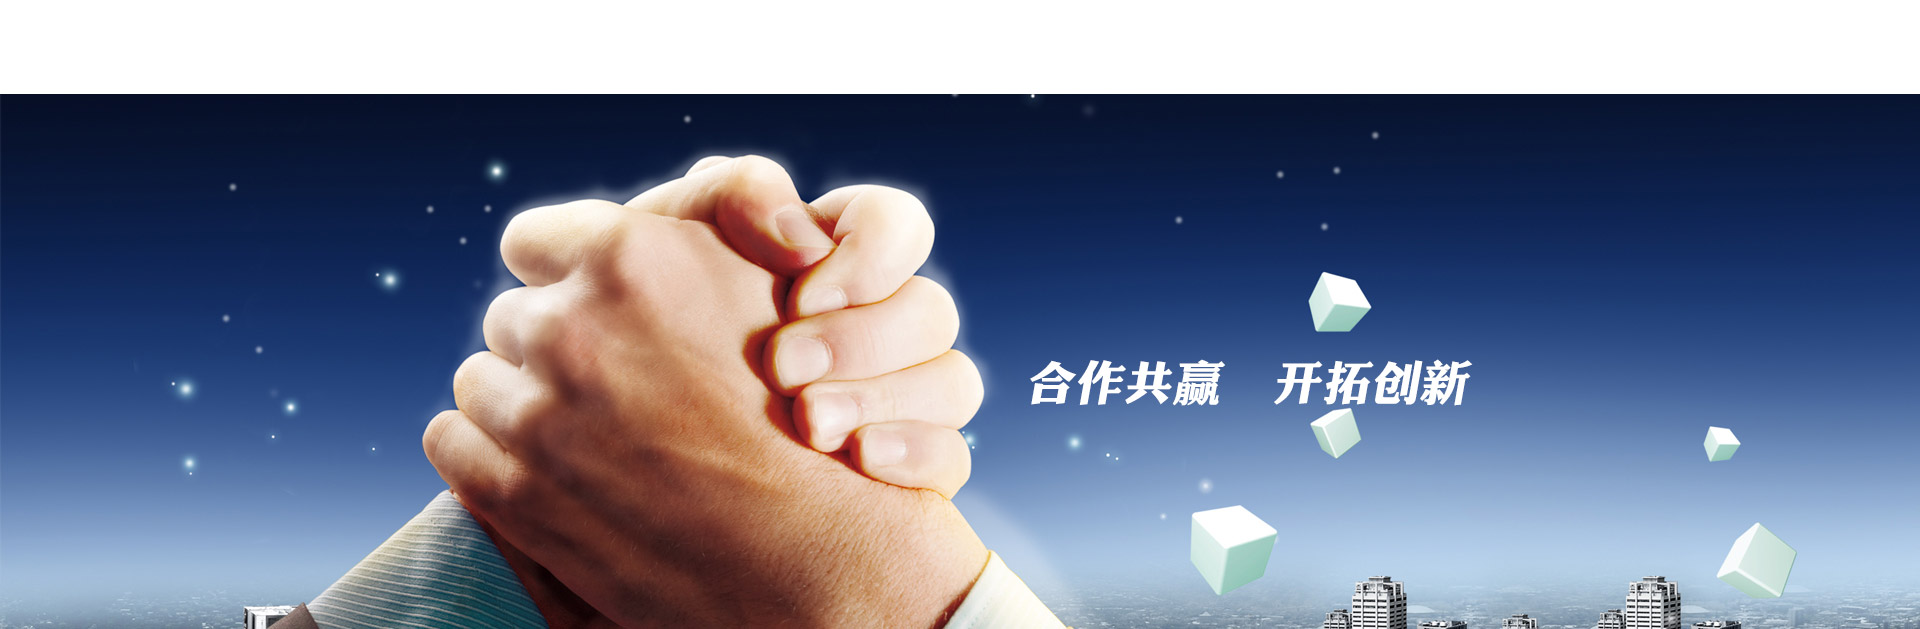 网站北京福彩Banner1